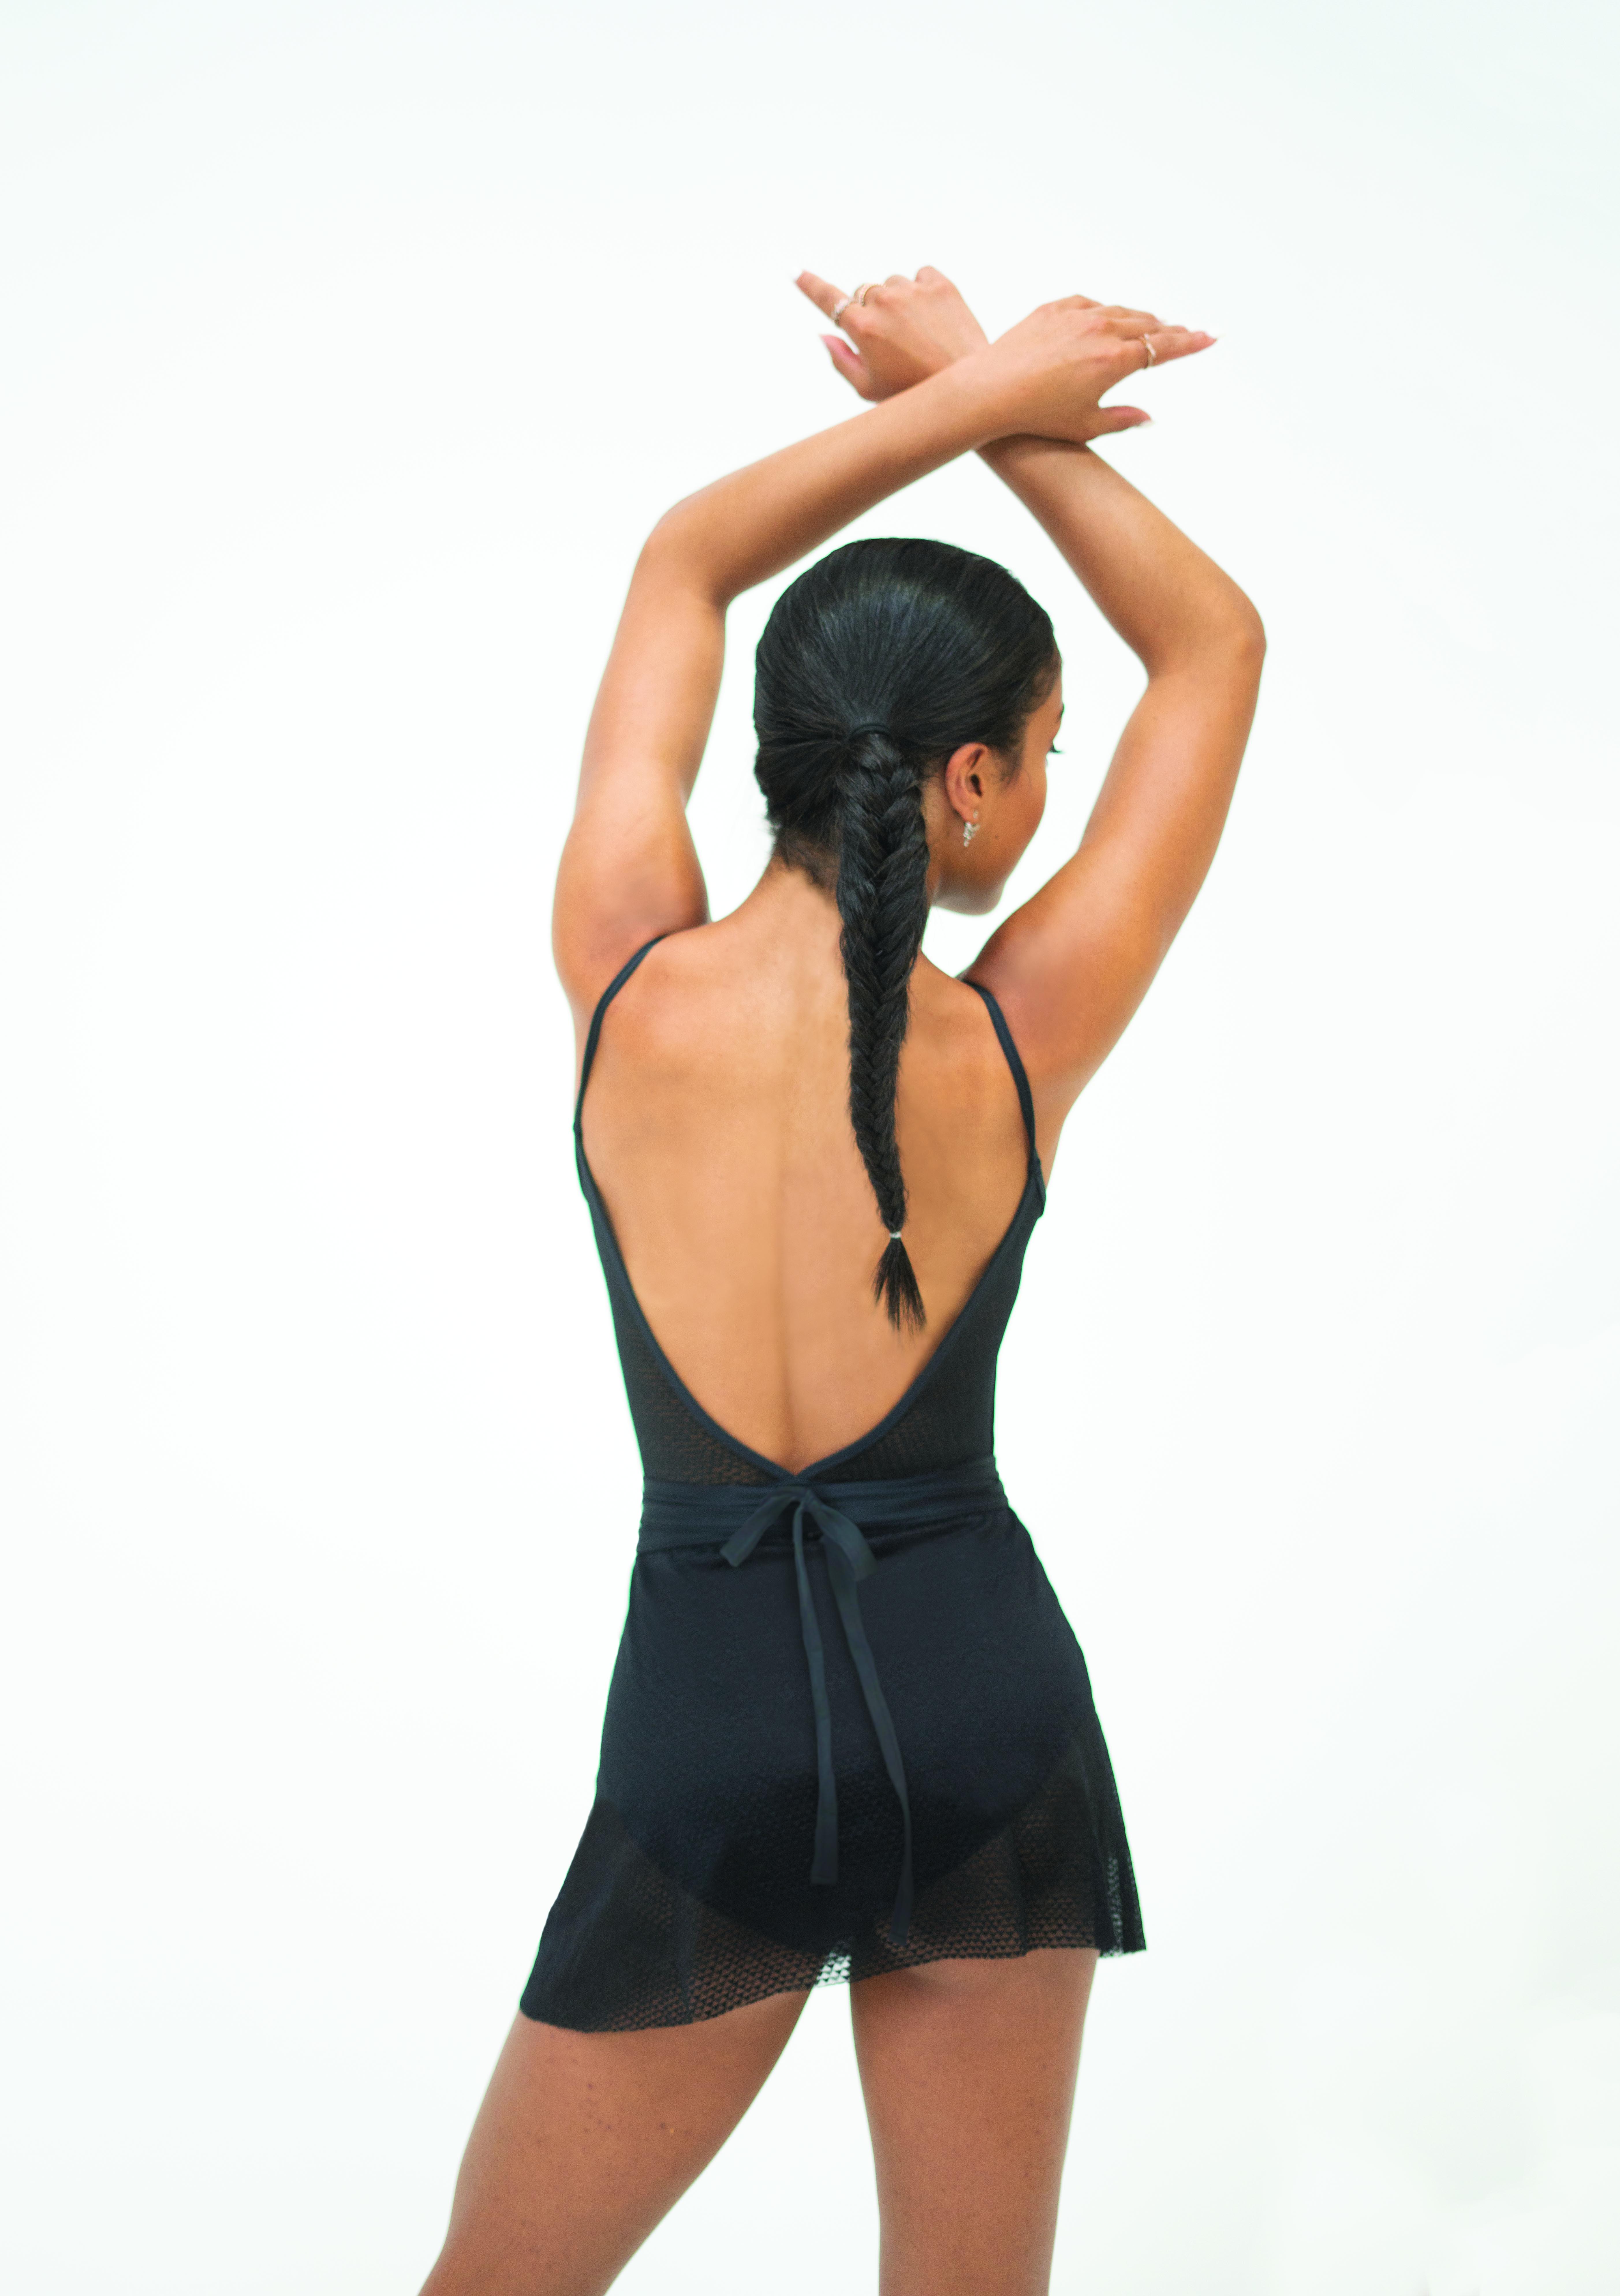 Body collezione in offerta Capezio  a bretellina con inserti retina nera ,in tactel nero con profondo scolla aV dietro